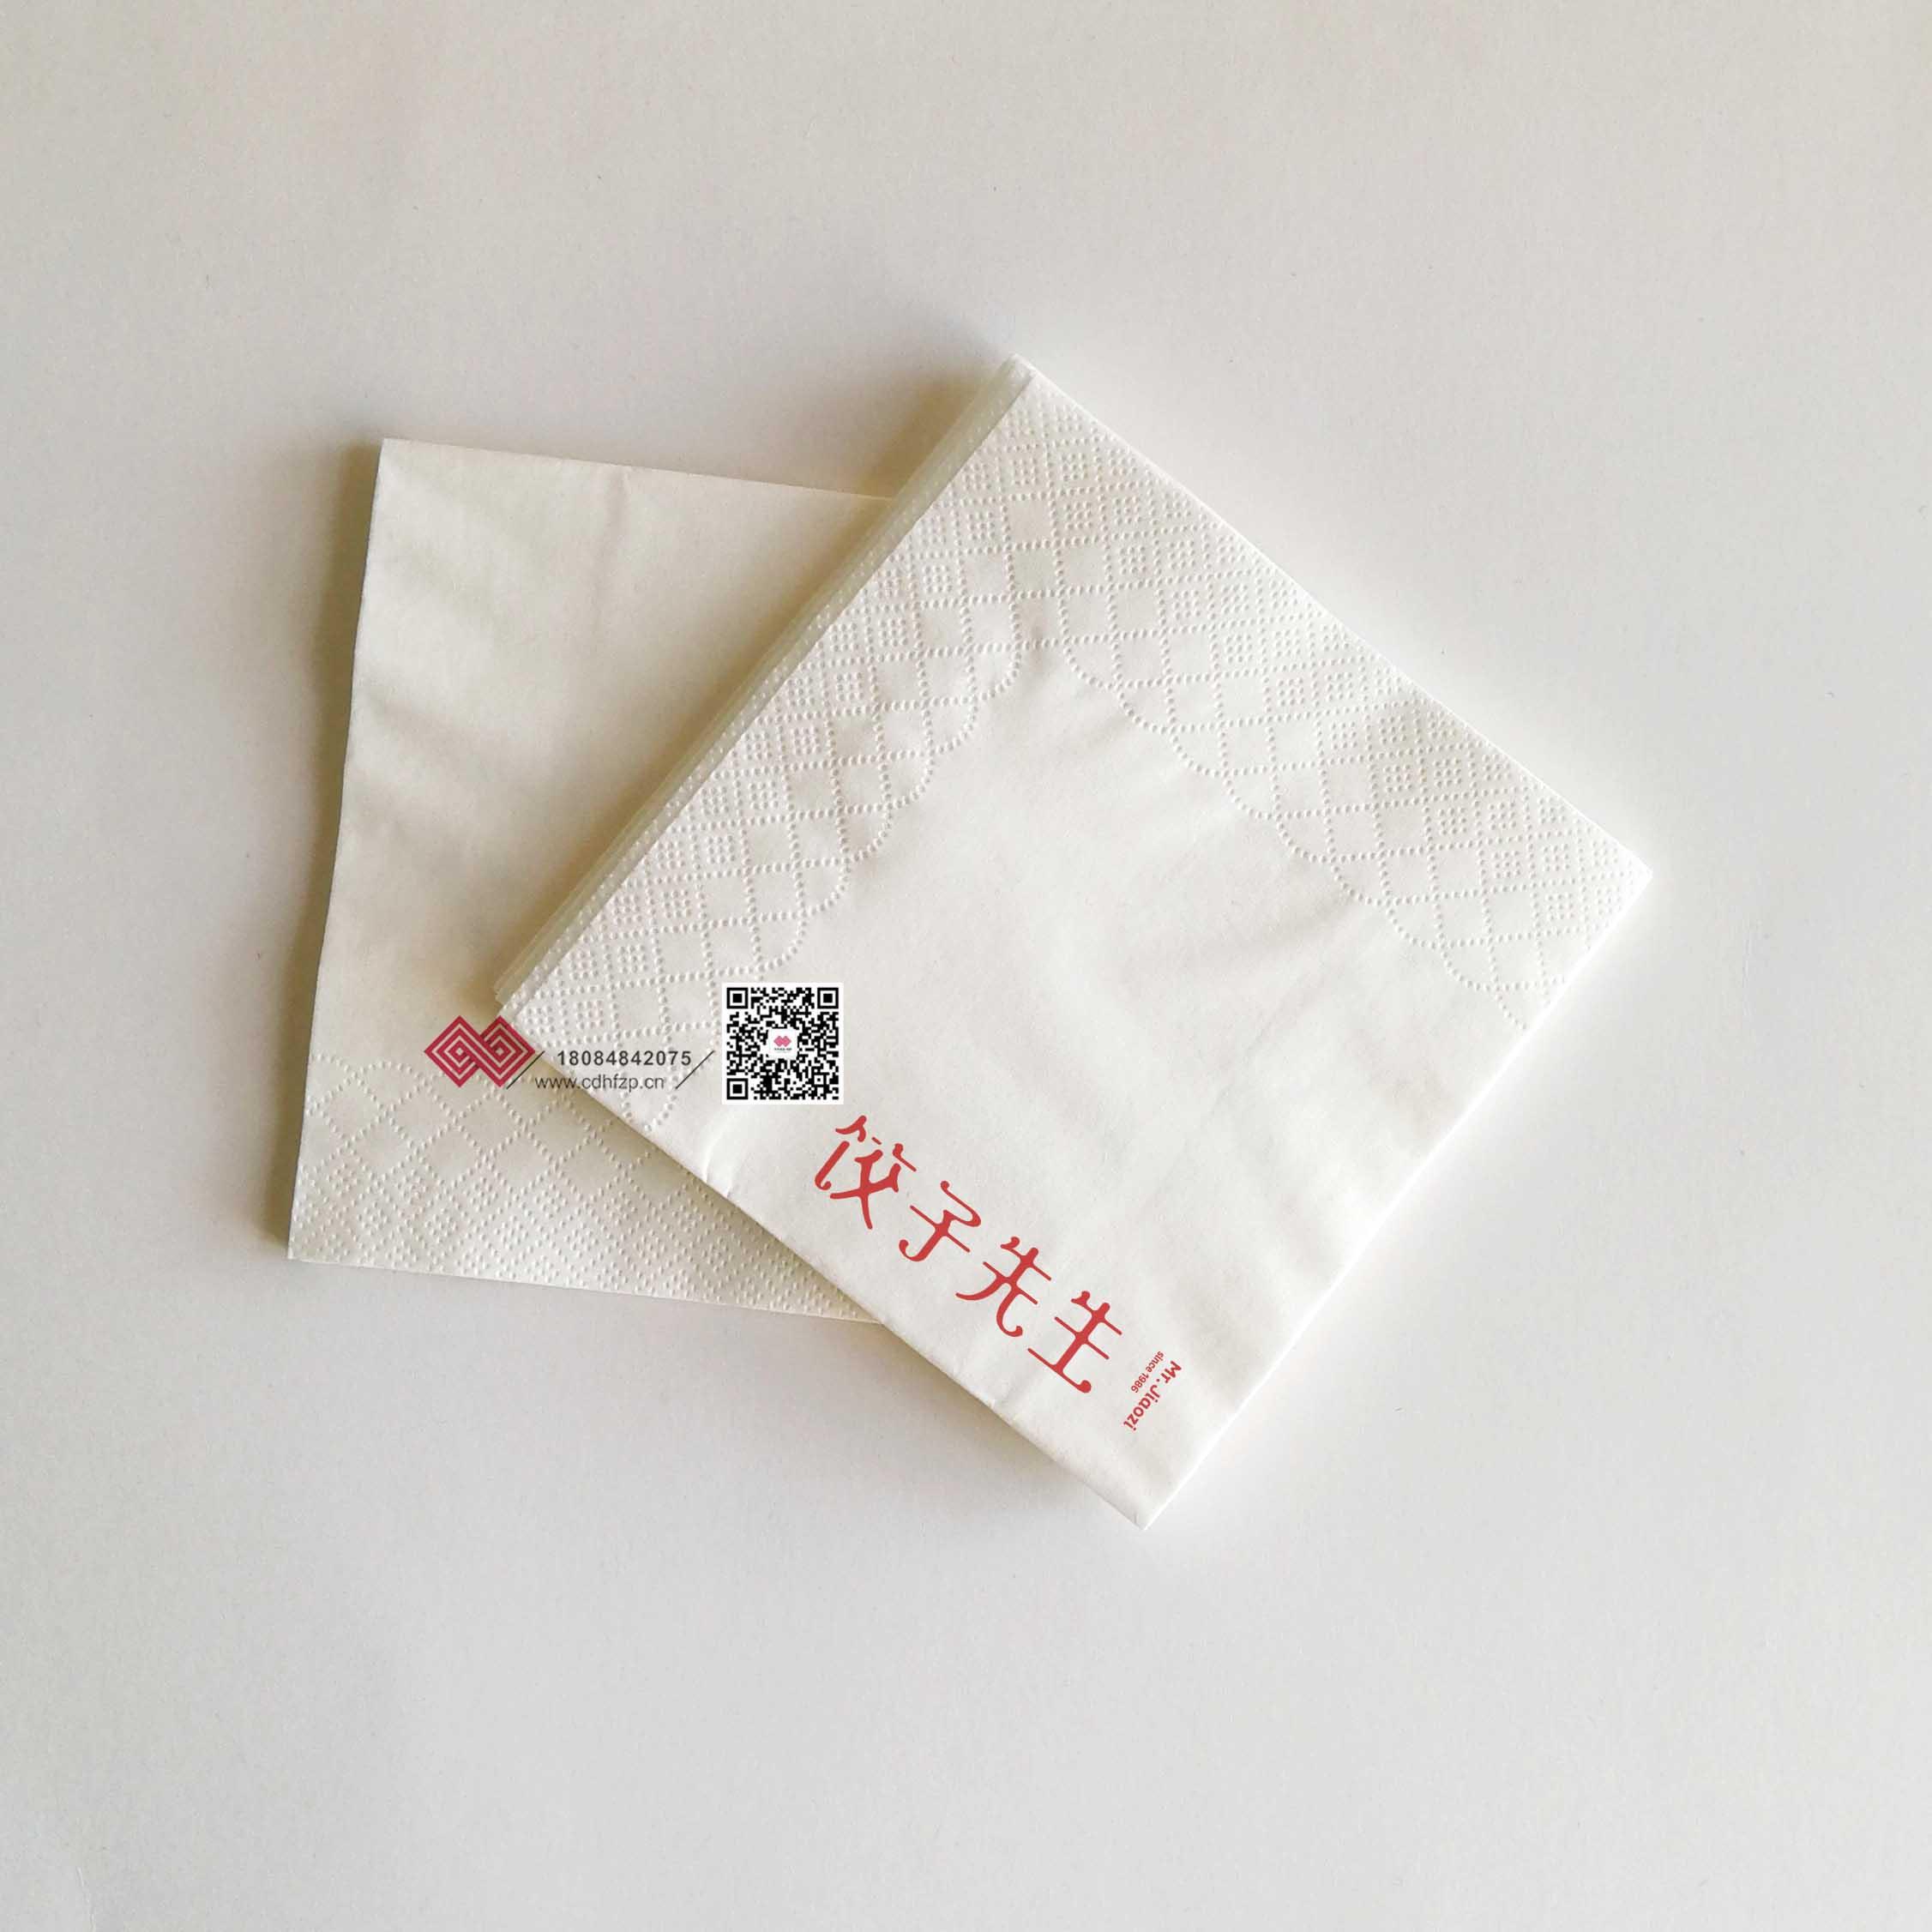 【本廠優勢產品】成都250滿版餐巾紙印字★logo紙巾定制~